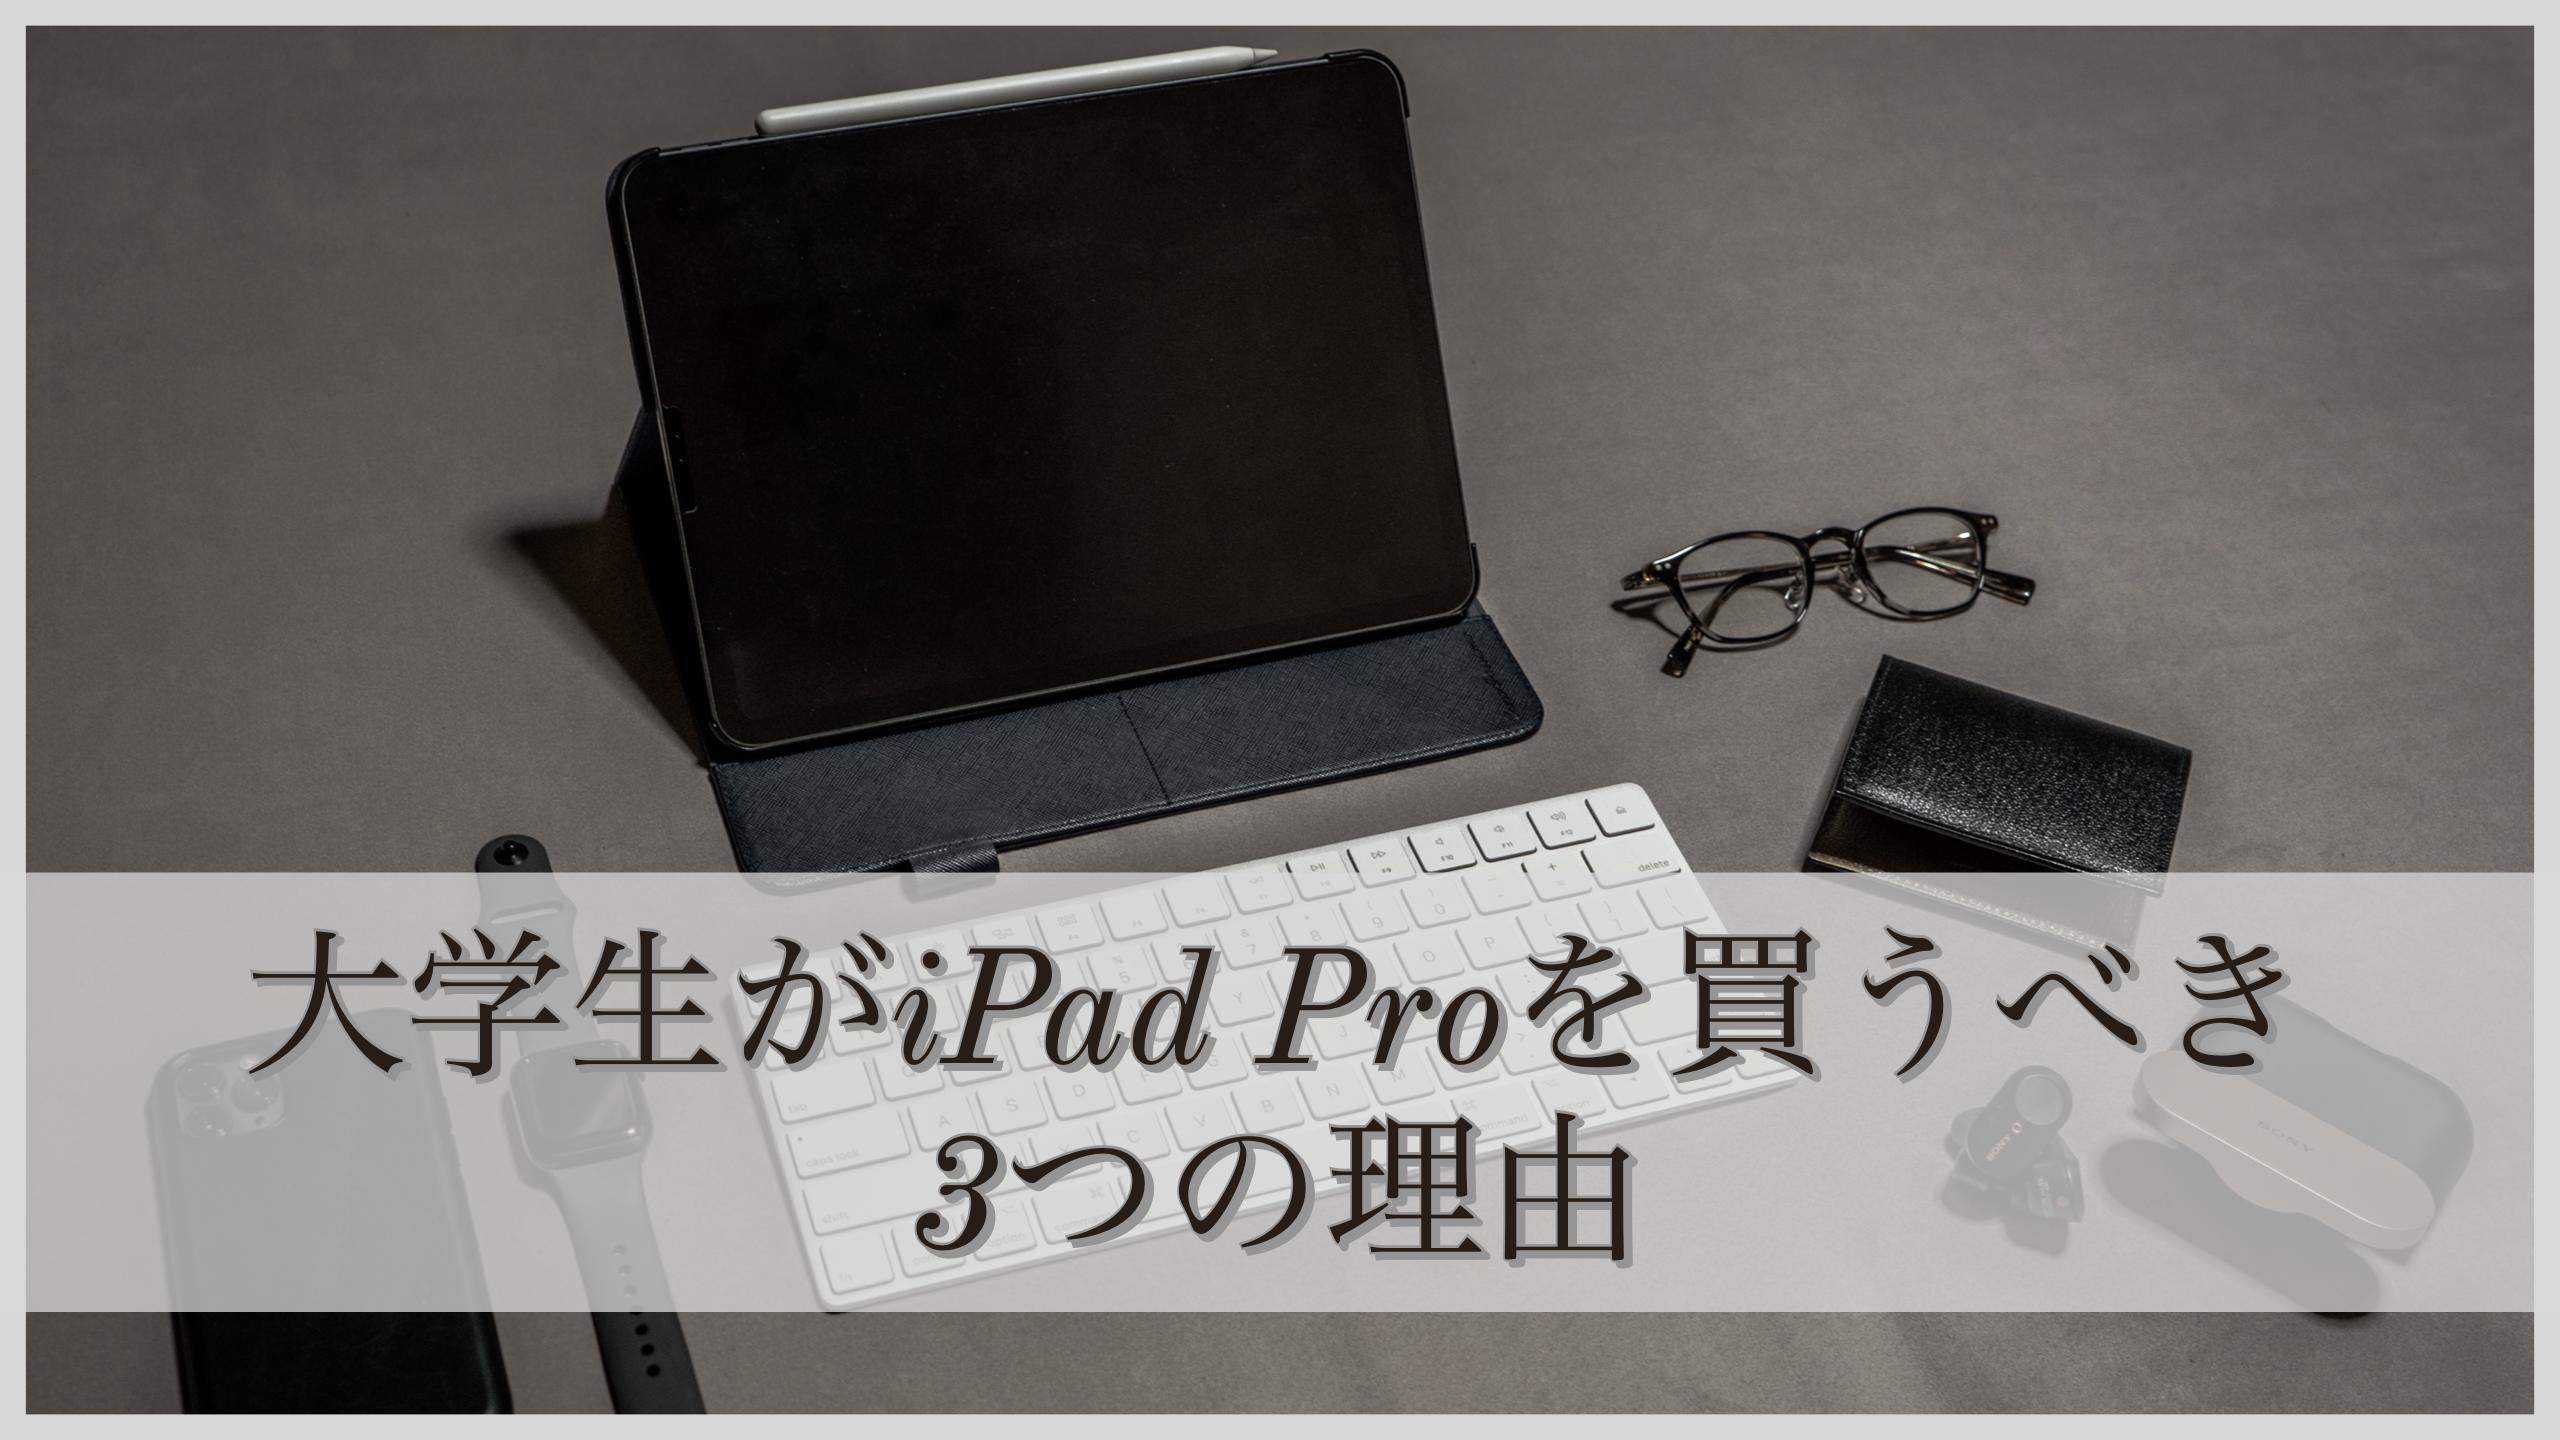 【パソコンの代わりになる?】大学生にiPad ProとApple Pencilがおすすめな3つの理由とは?